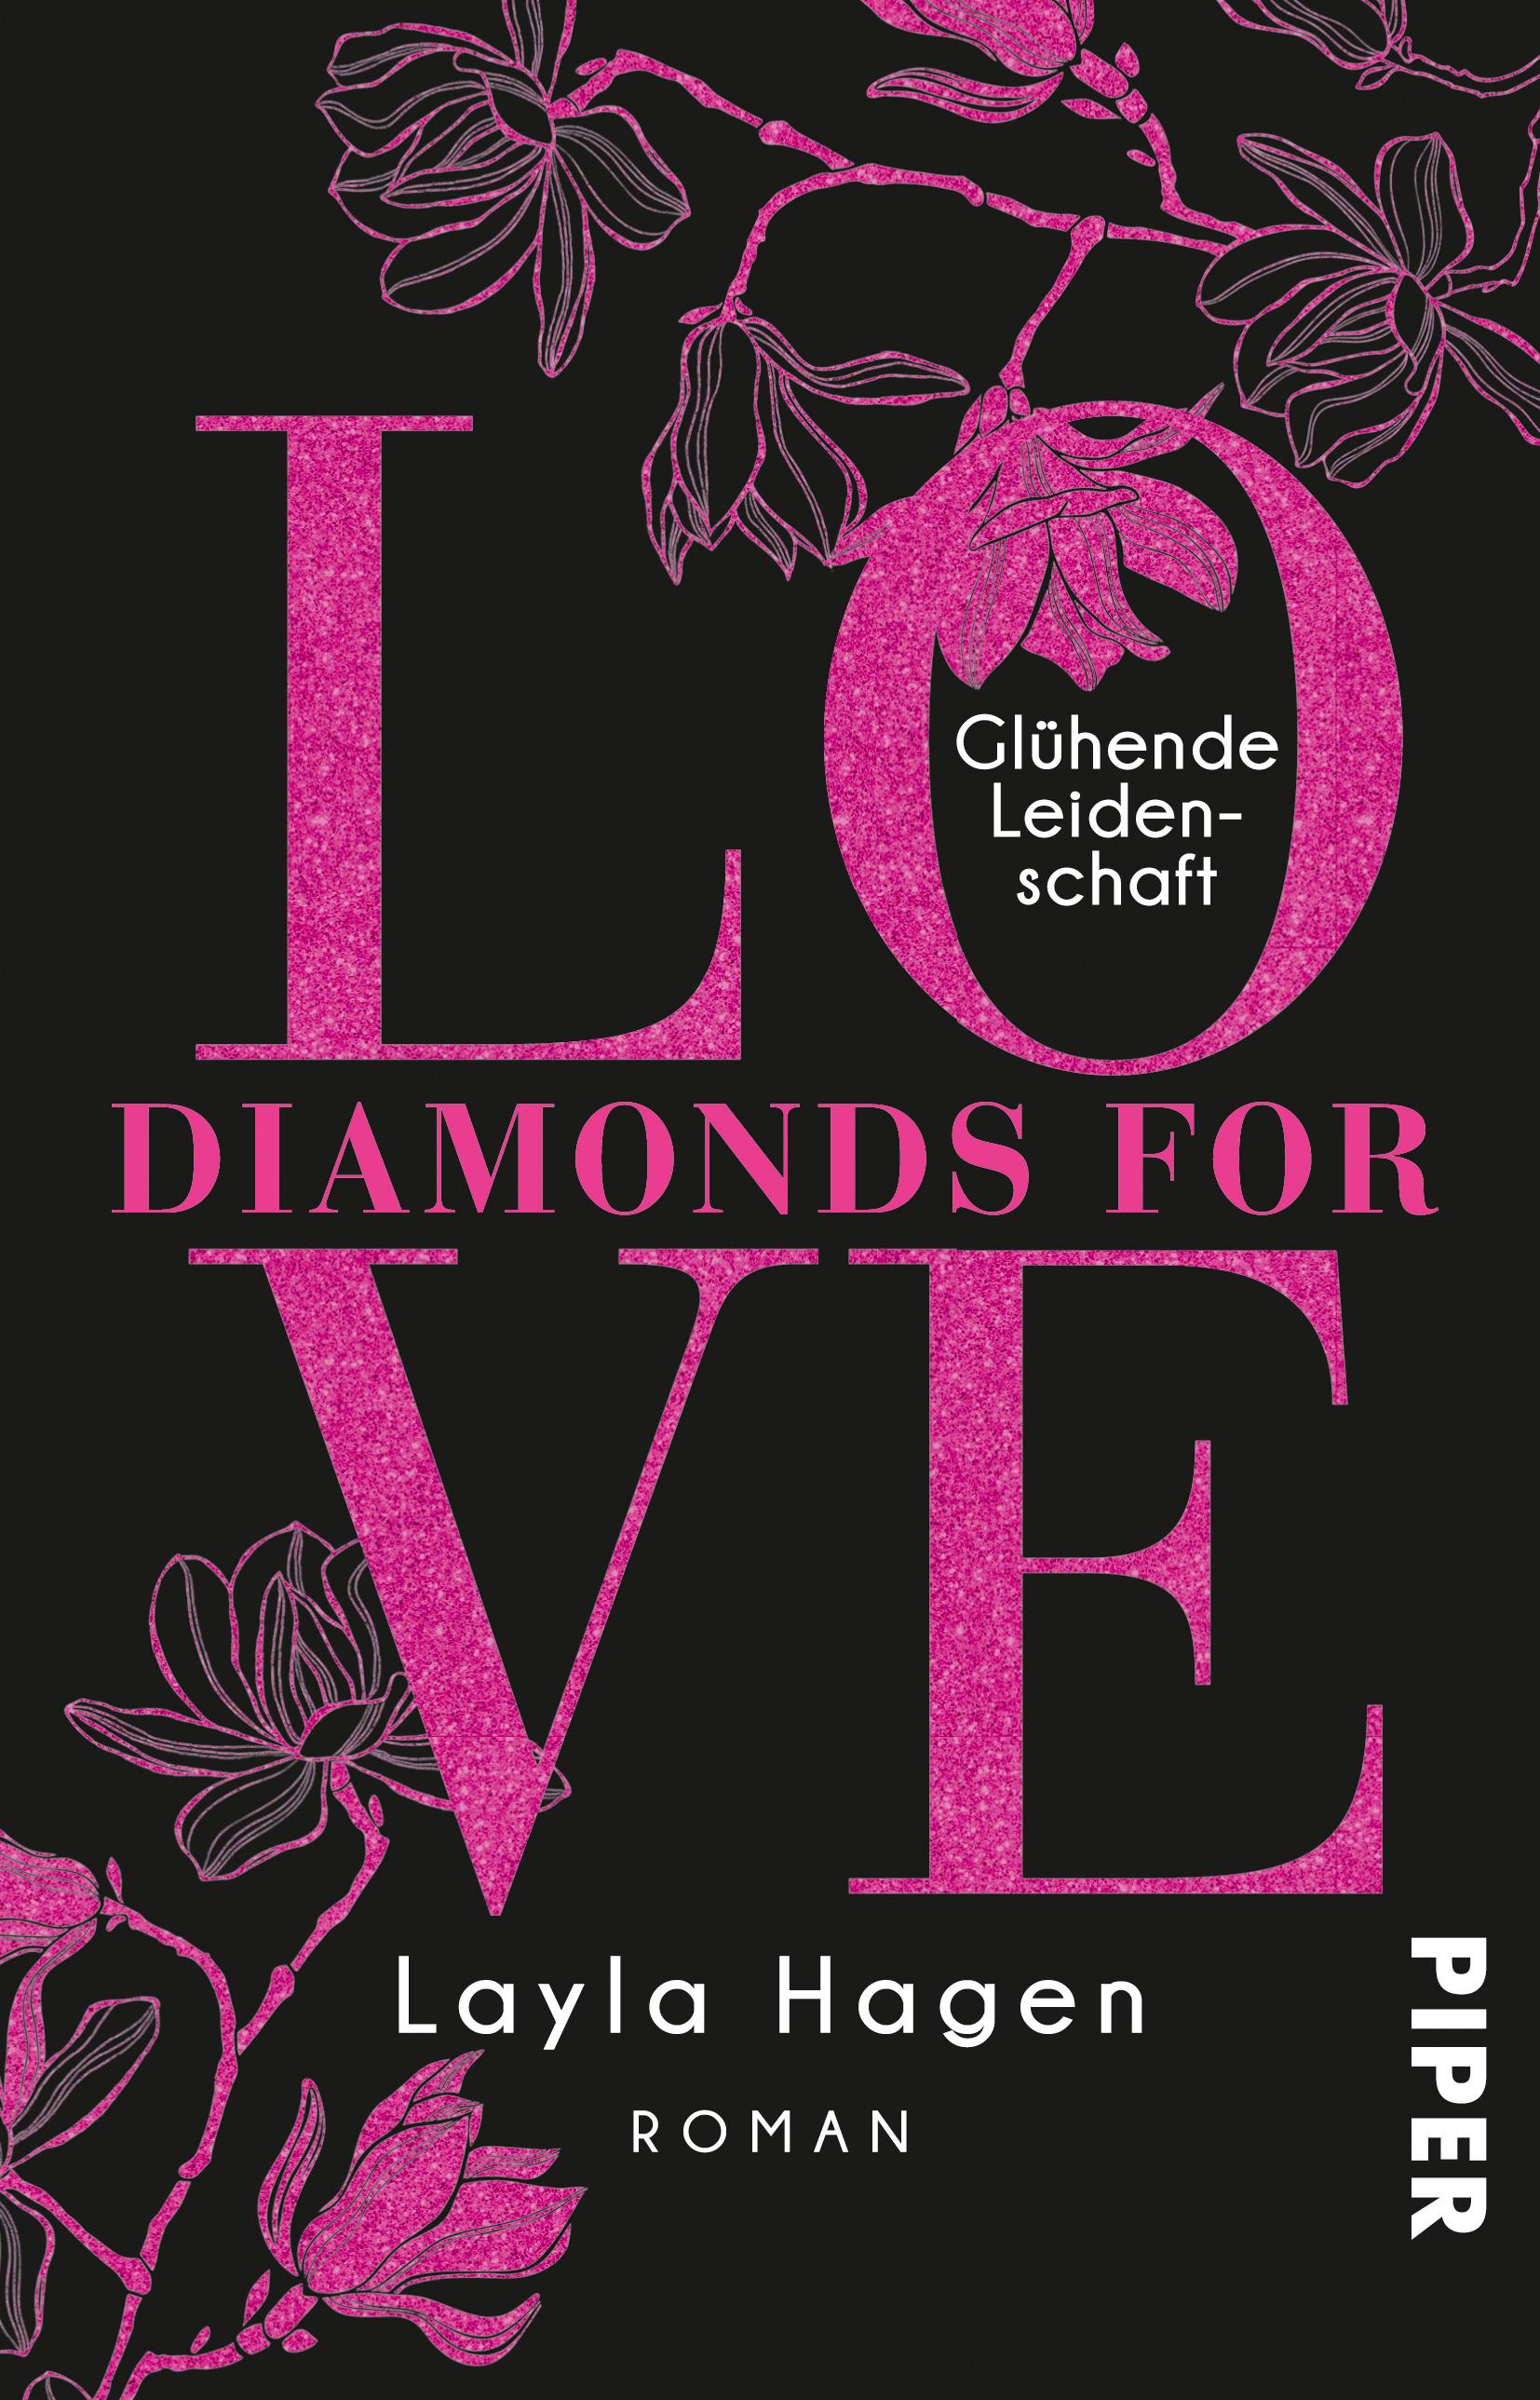 Diamonds for Love – Glühende Leidenschaft